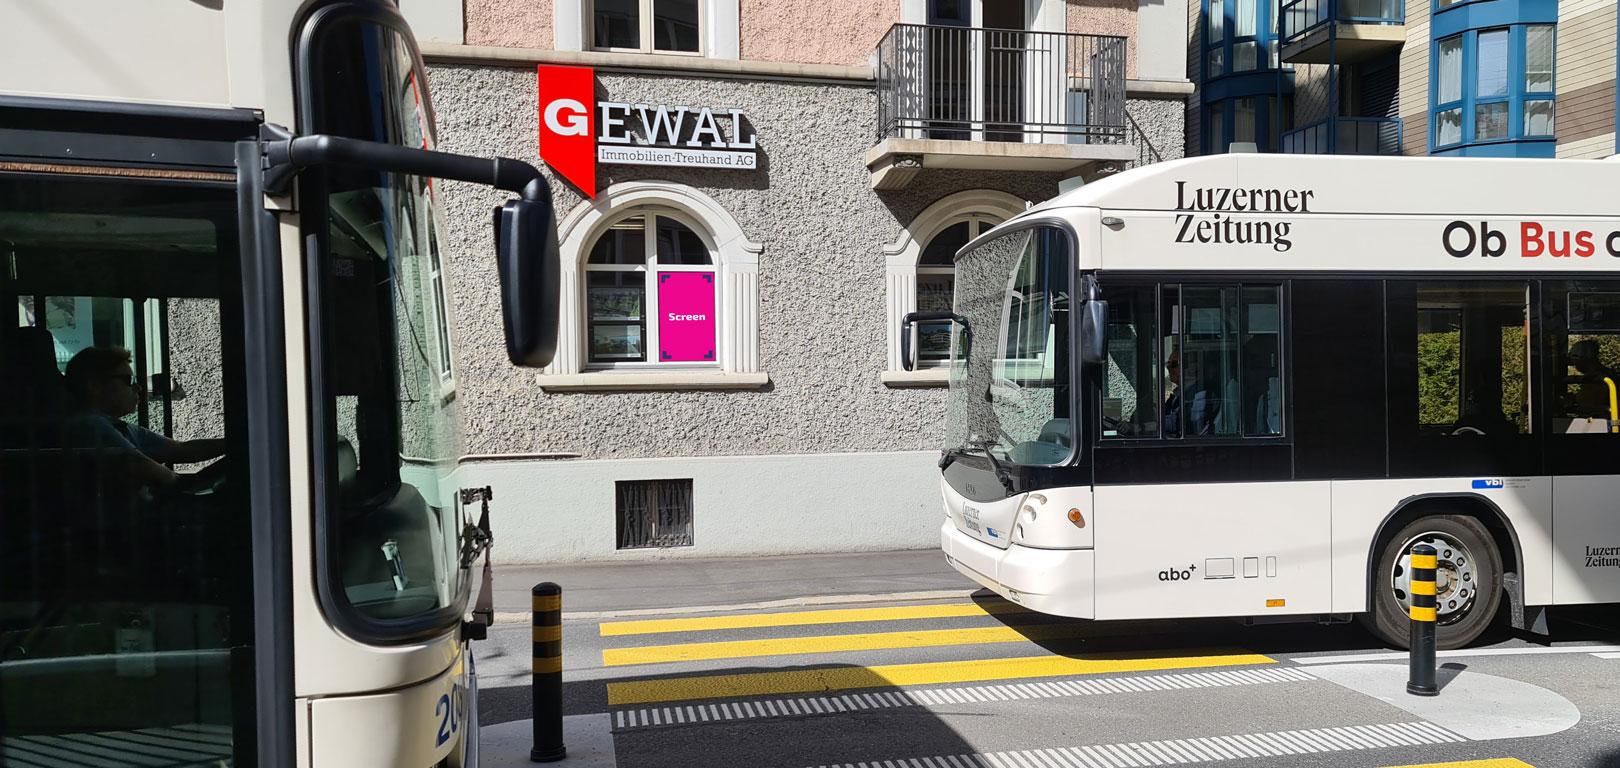 h_Luzern_gewal_Voltastrasse